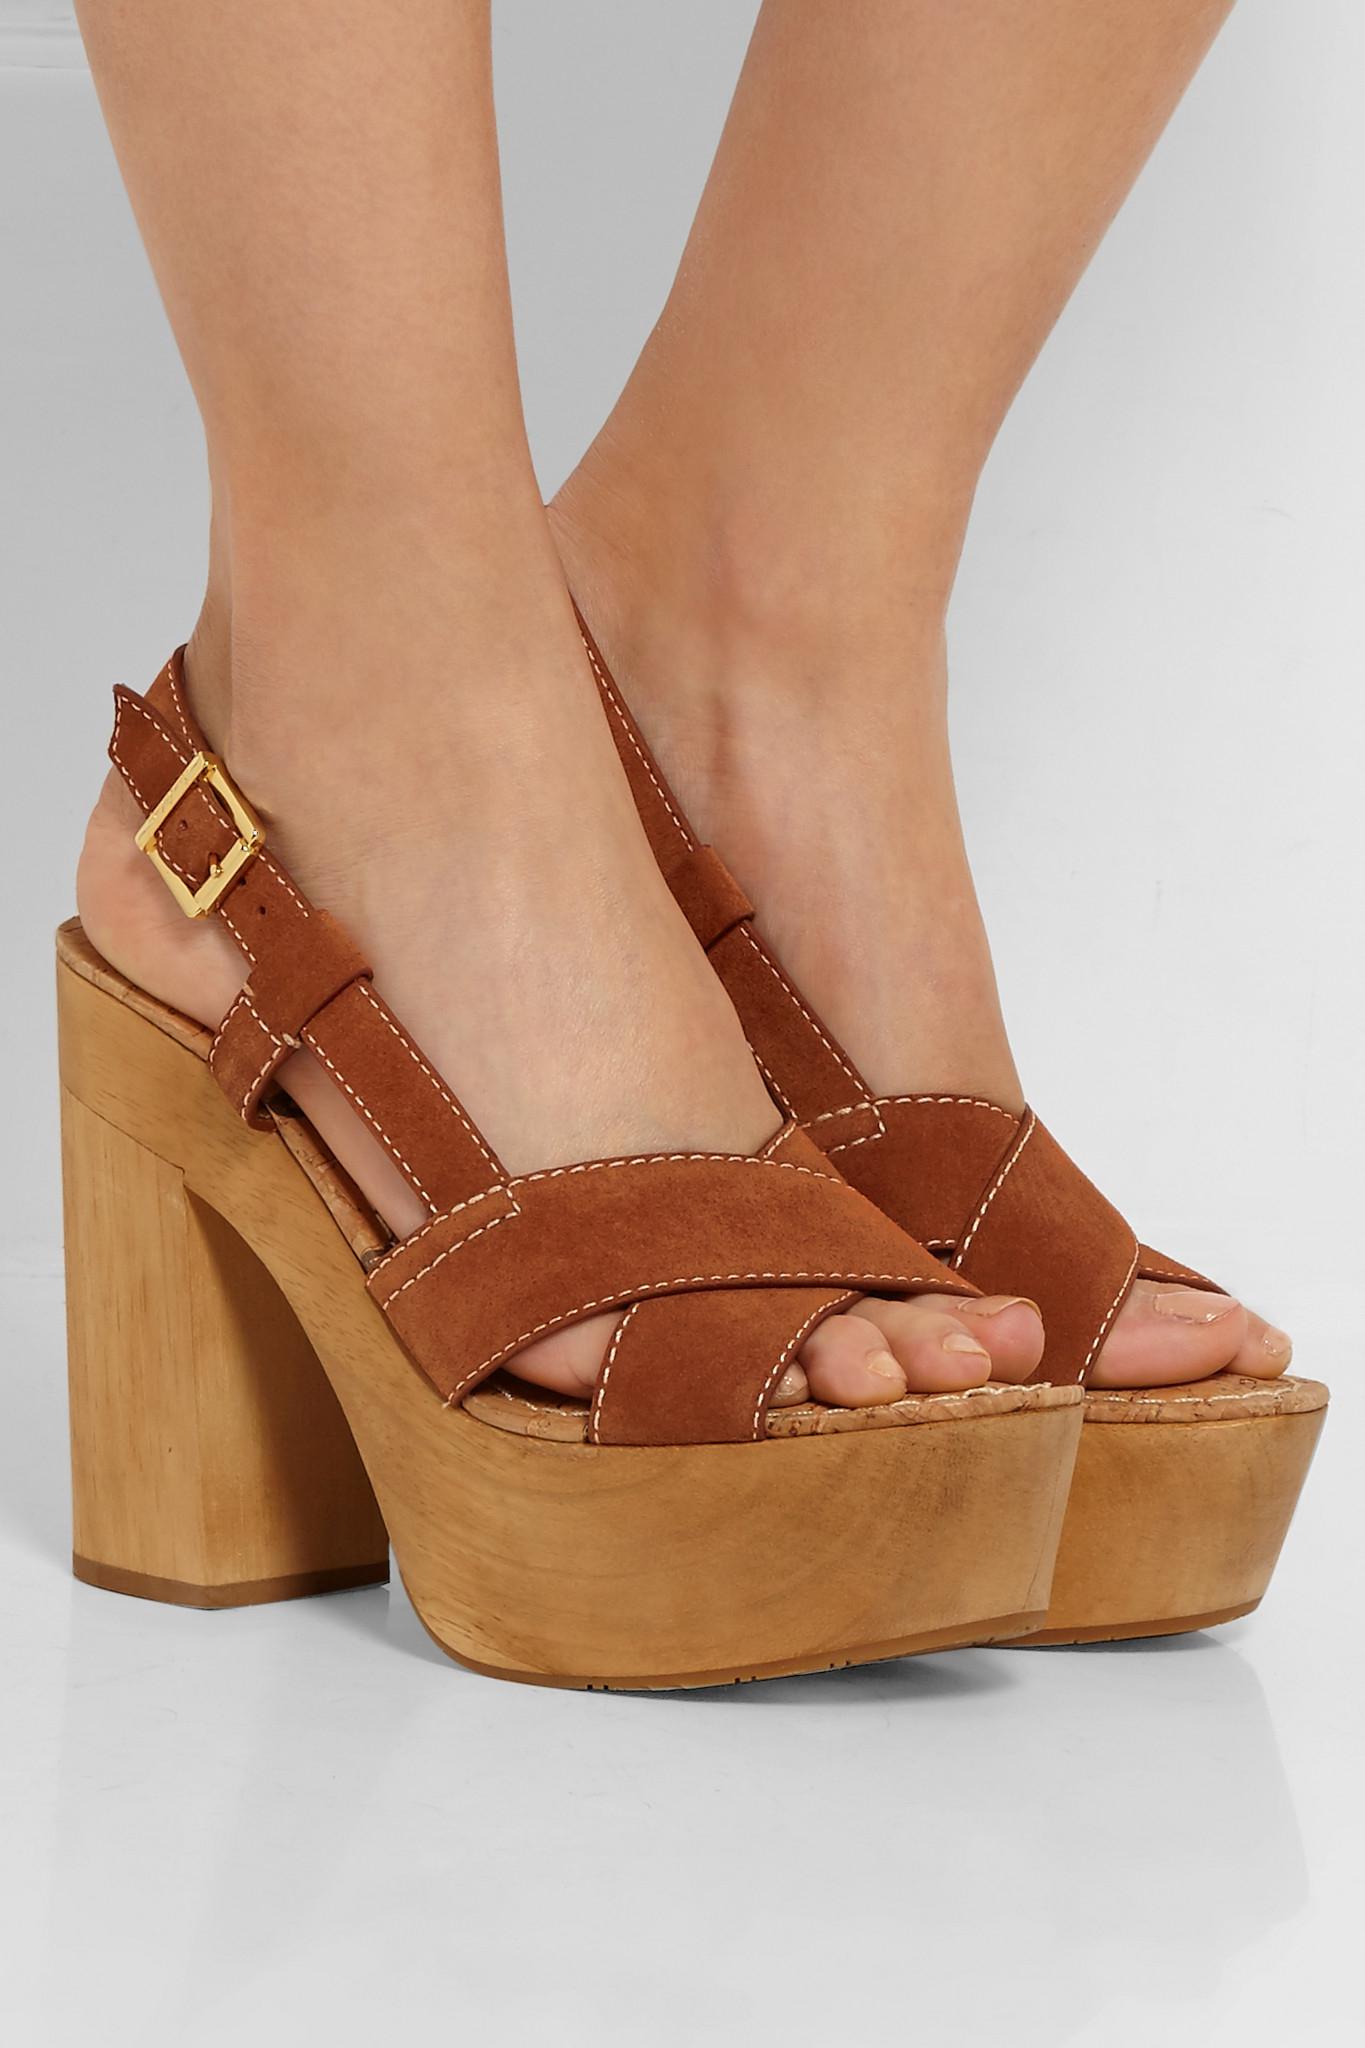 dc50d880a335 Sam Edelman Women s Jolene Platform Sandal 2psJ5Op - roland-laurette.com